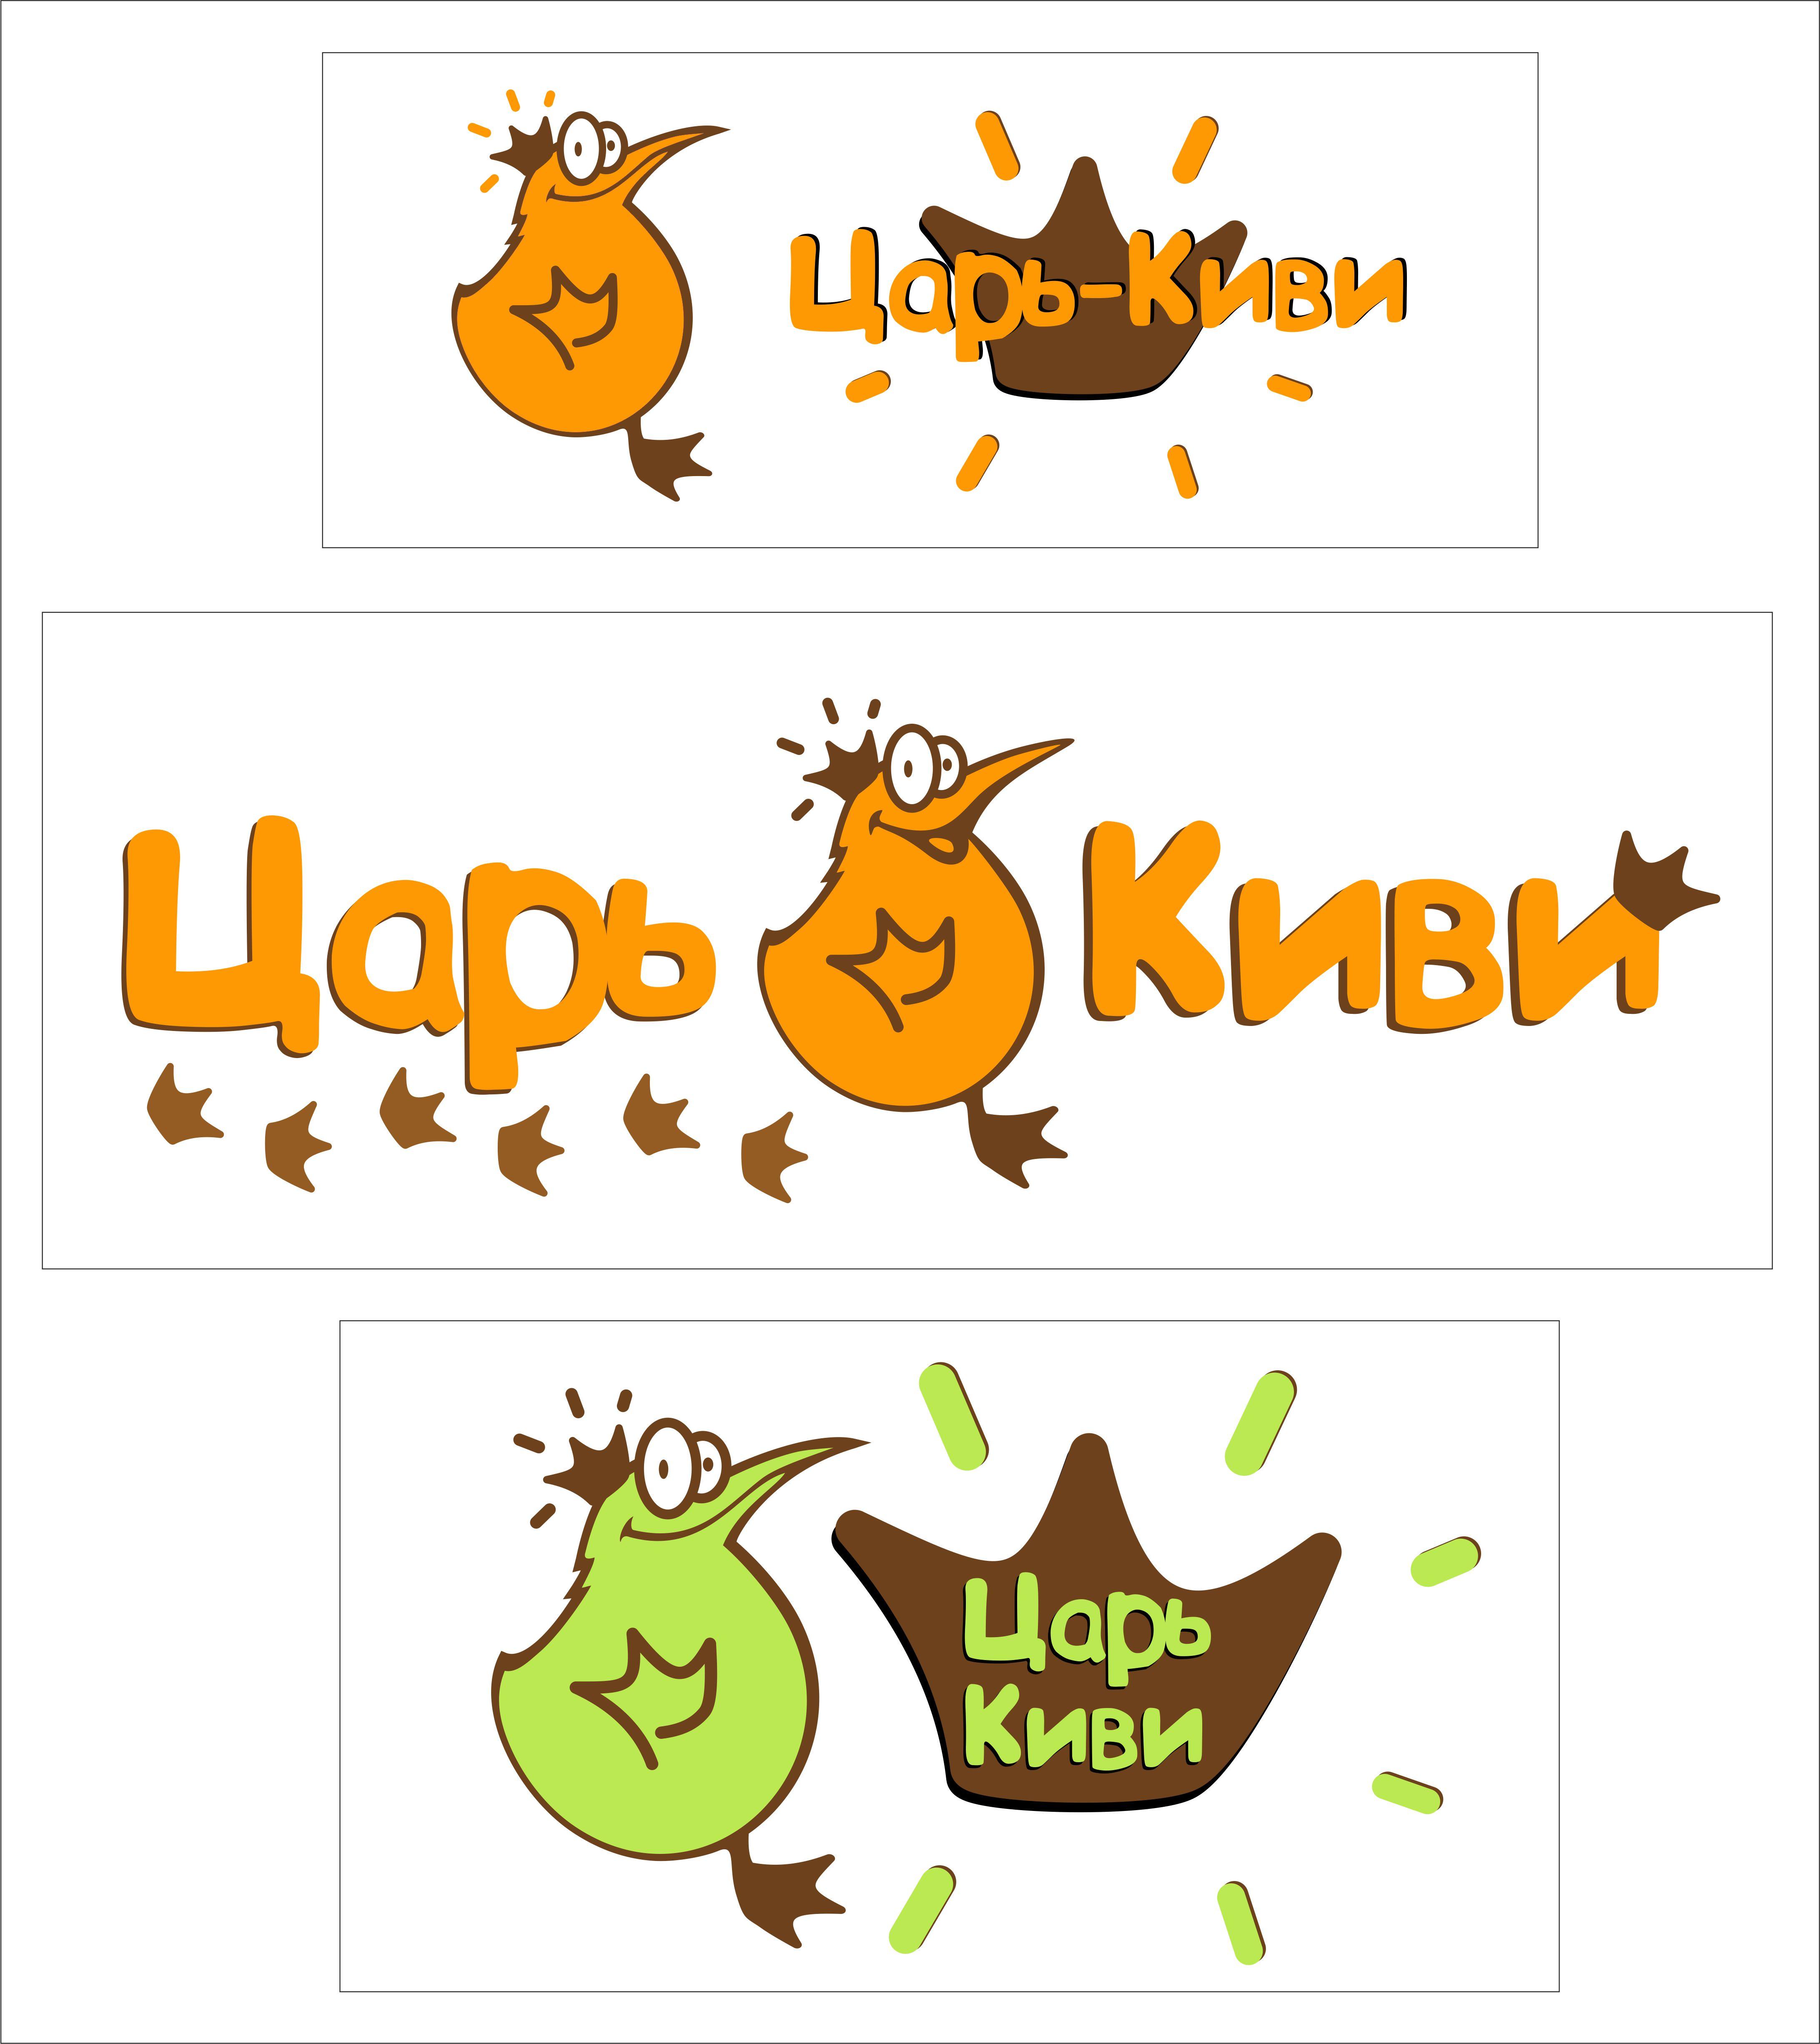 """Доработать дизайн логотипа кафе-кондитерской """"Царь-Киви"""" фото f_6185a09cfda62a4a.jpg"""